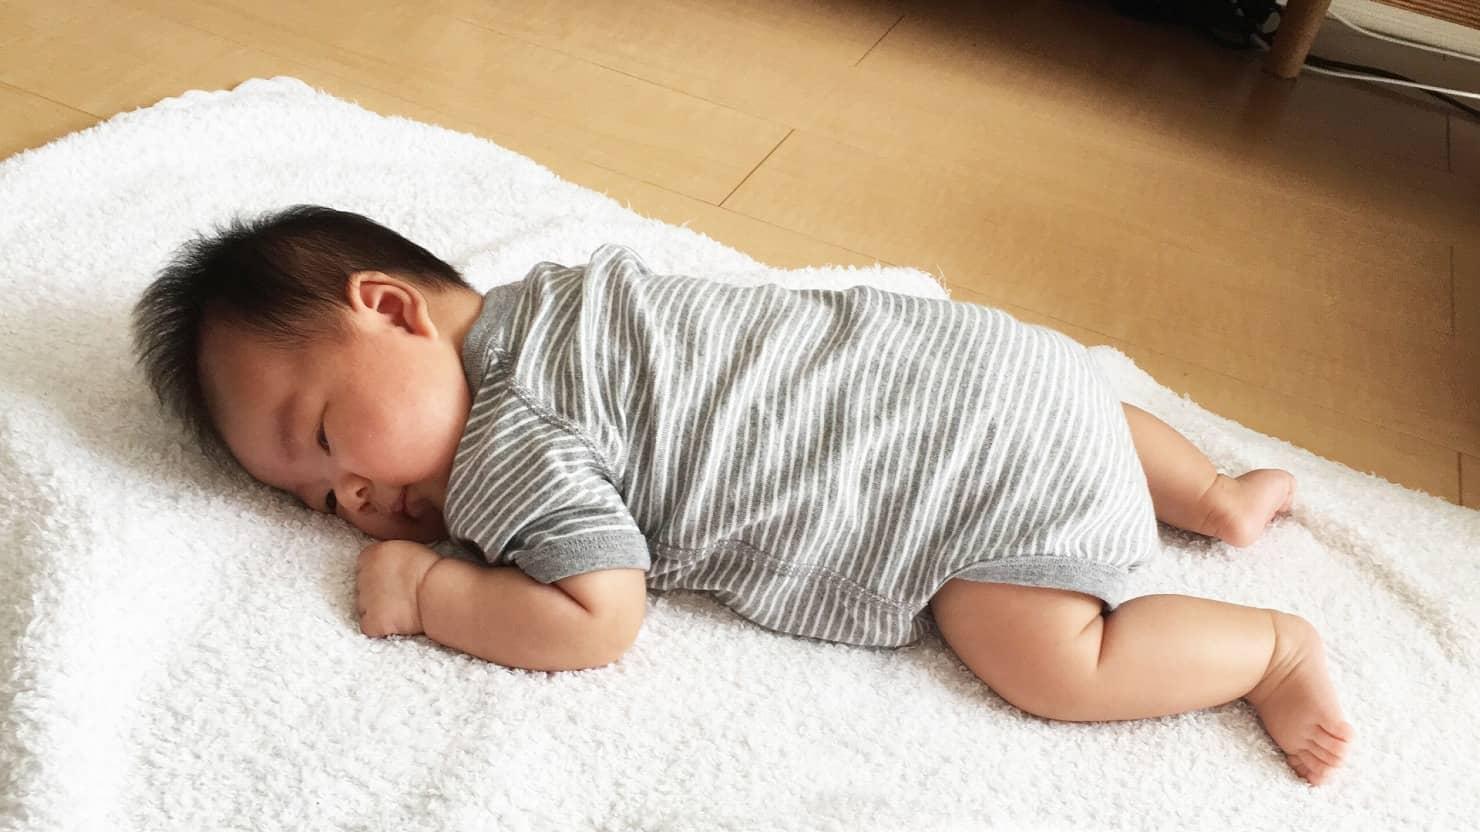 生後1ヶ月の赤ちゃんの成長とお世話! 発熱時や肌トラブルなどの対応方法を紹介